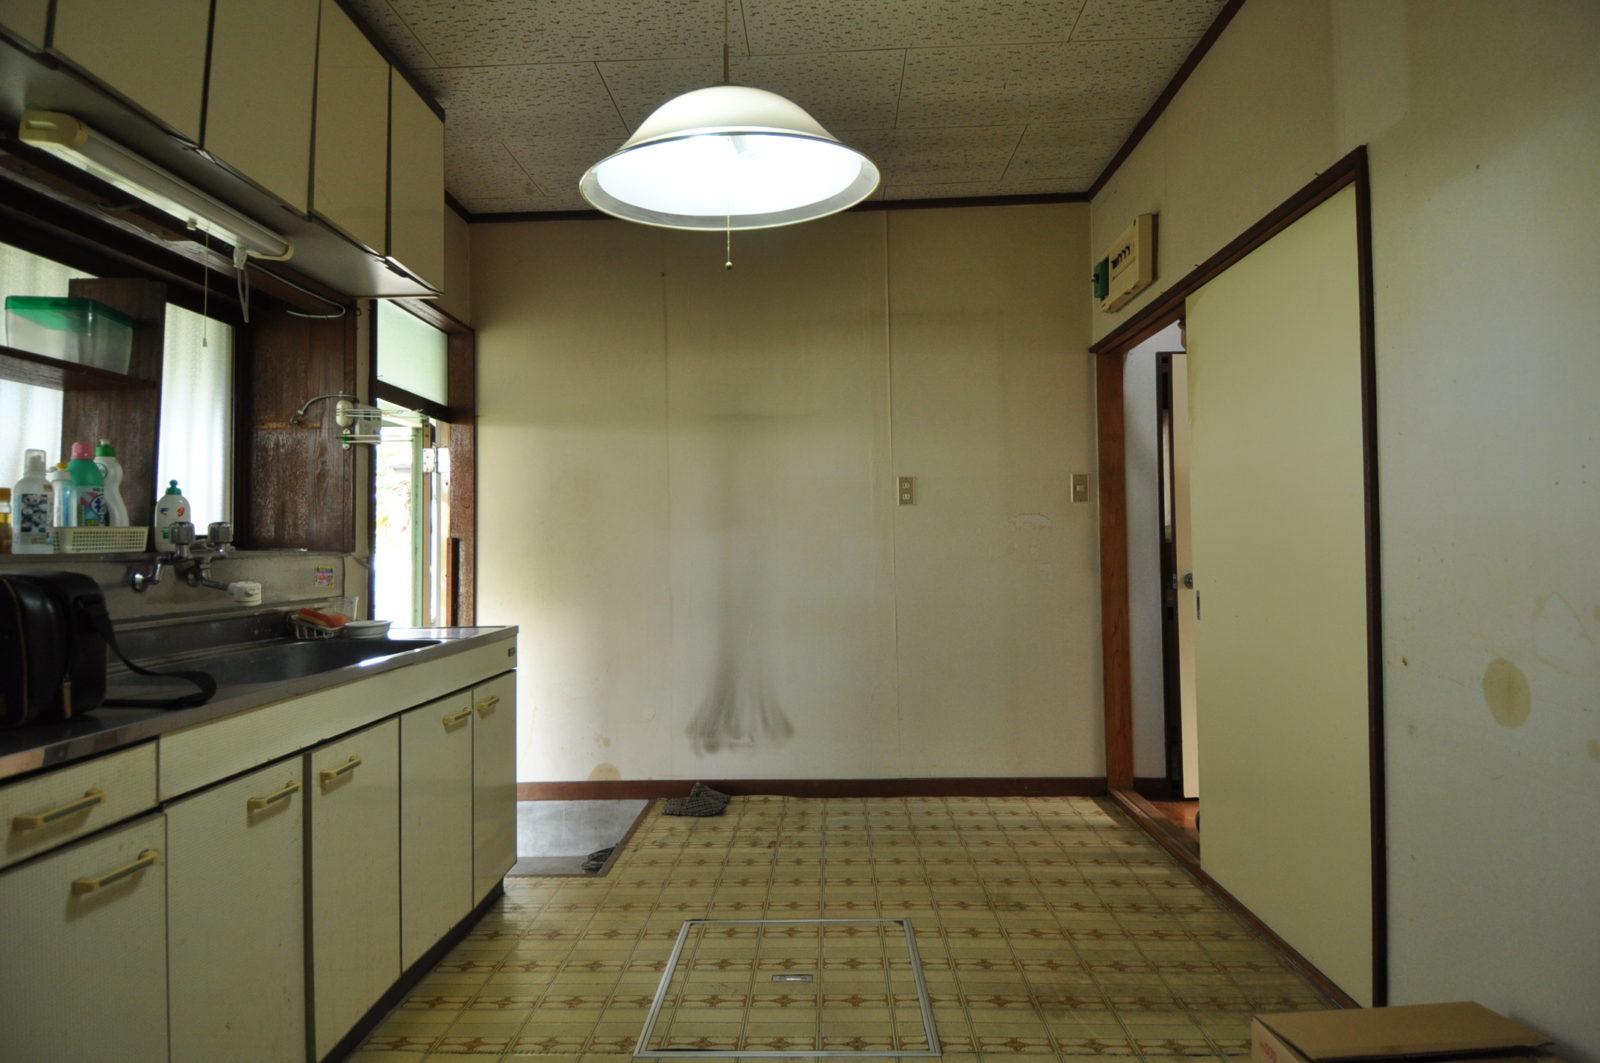 Ⅱ-キッチンリフォーム before